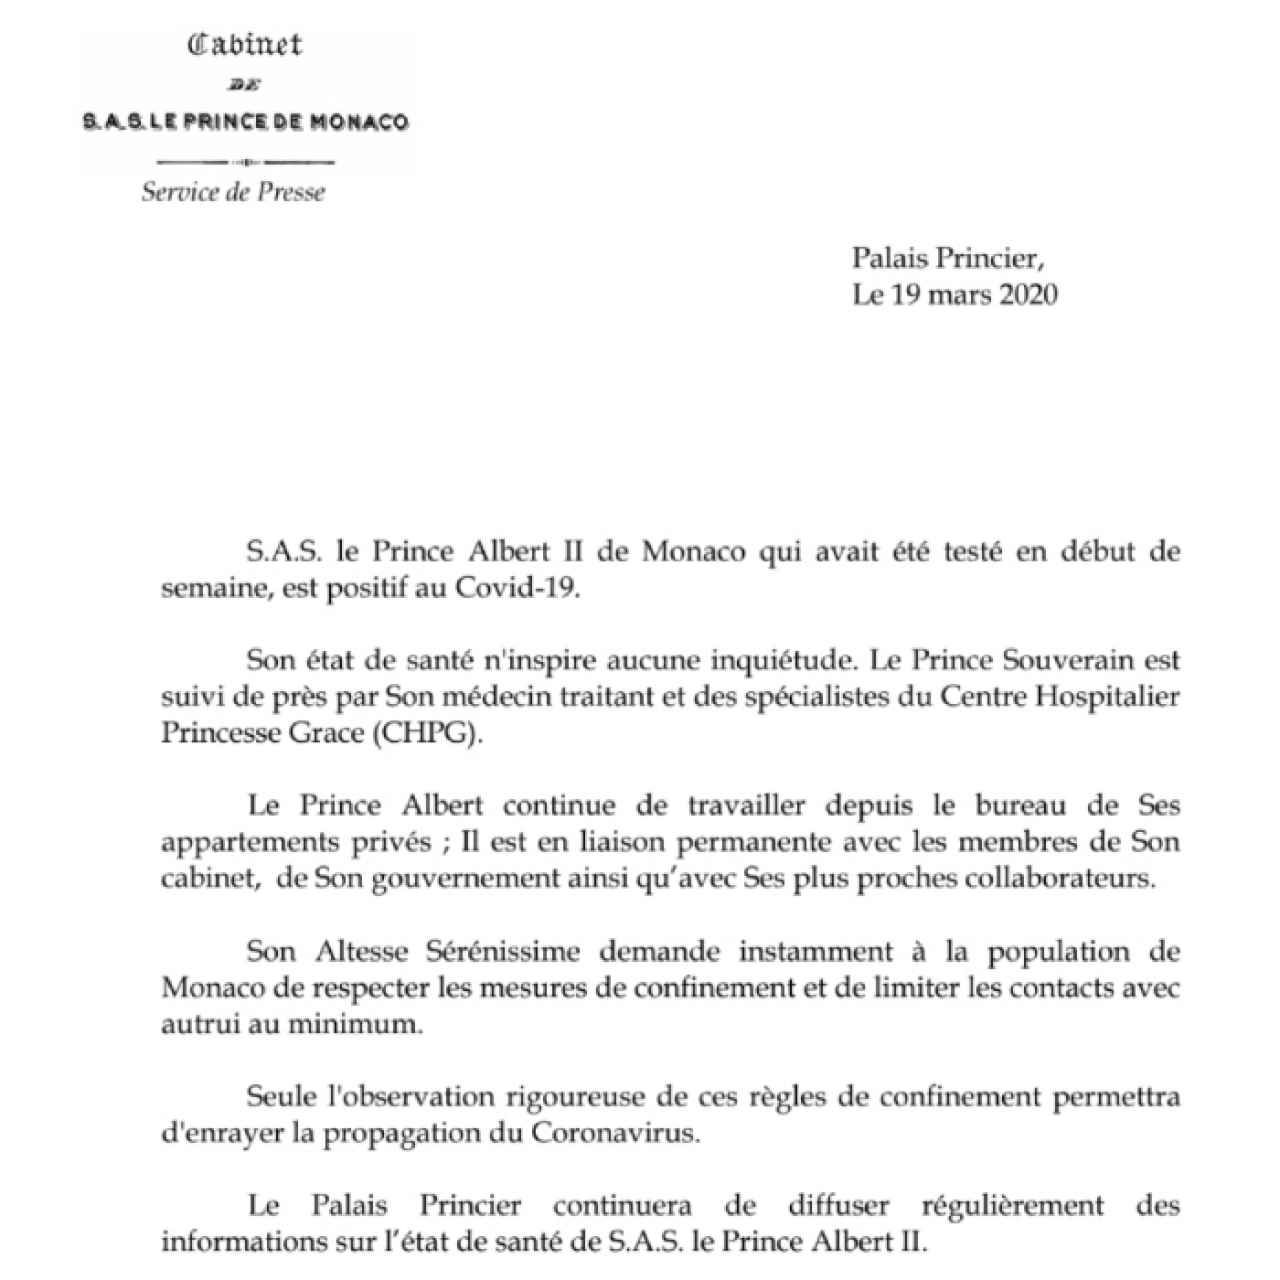 Comunicado de la Casa Grimaldi donde informan del estado de salud de Alberto de Mónaco.